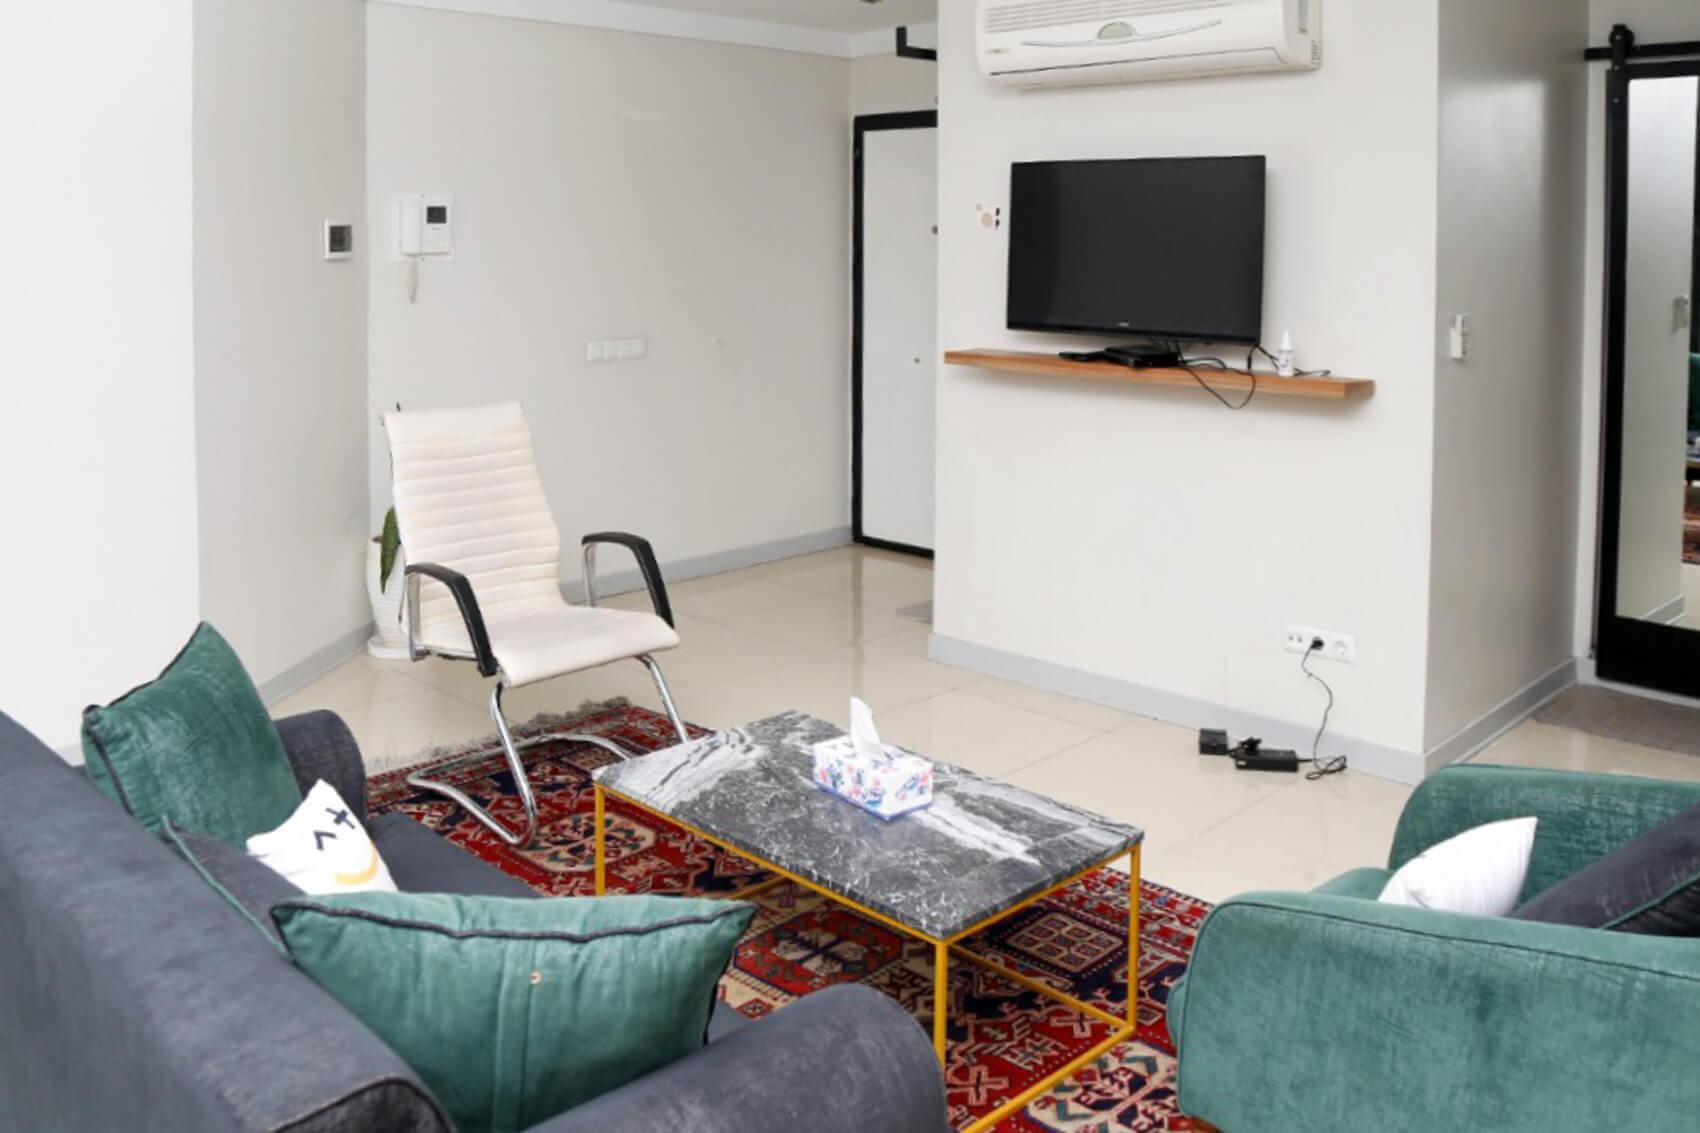 آپارتمان مبله ی یکخواب خوب تهرانپارس